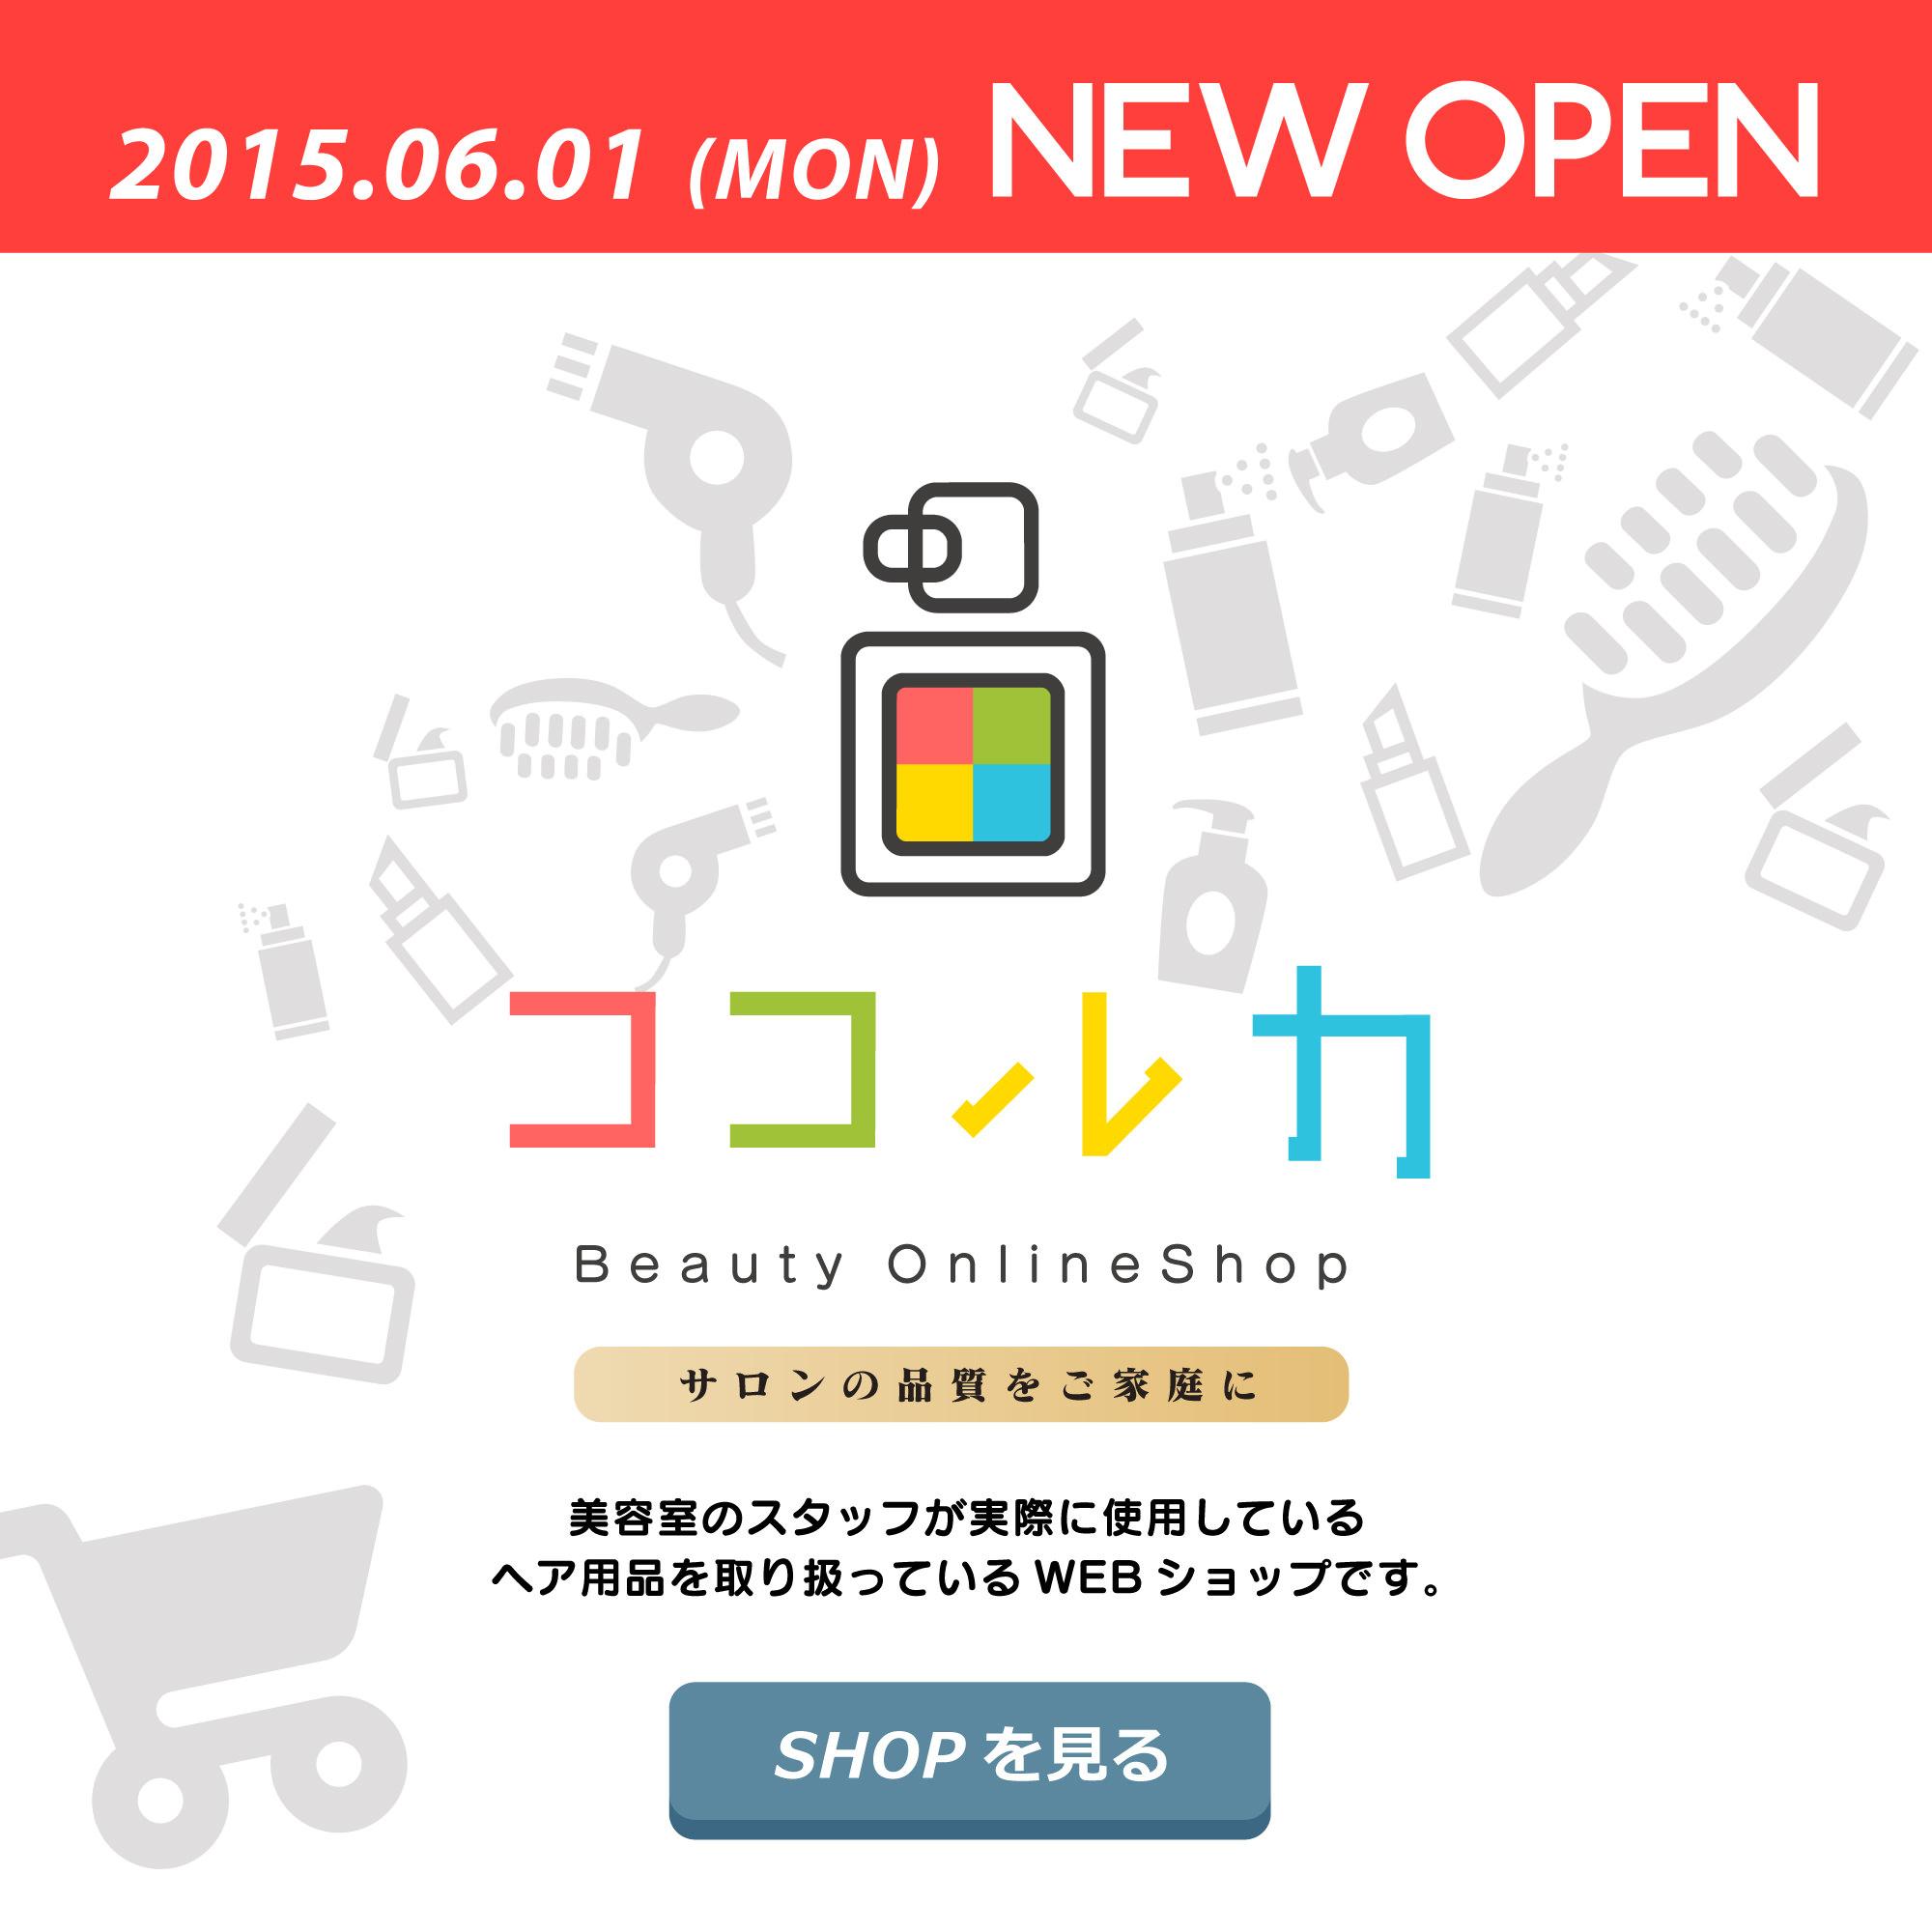 カミオが運営する美容系WEB通販サイト【ココルカ】オープン!